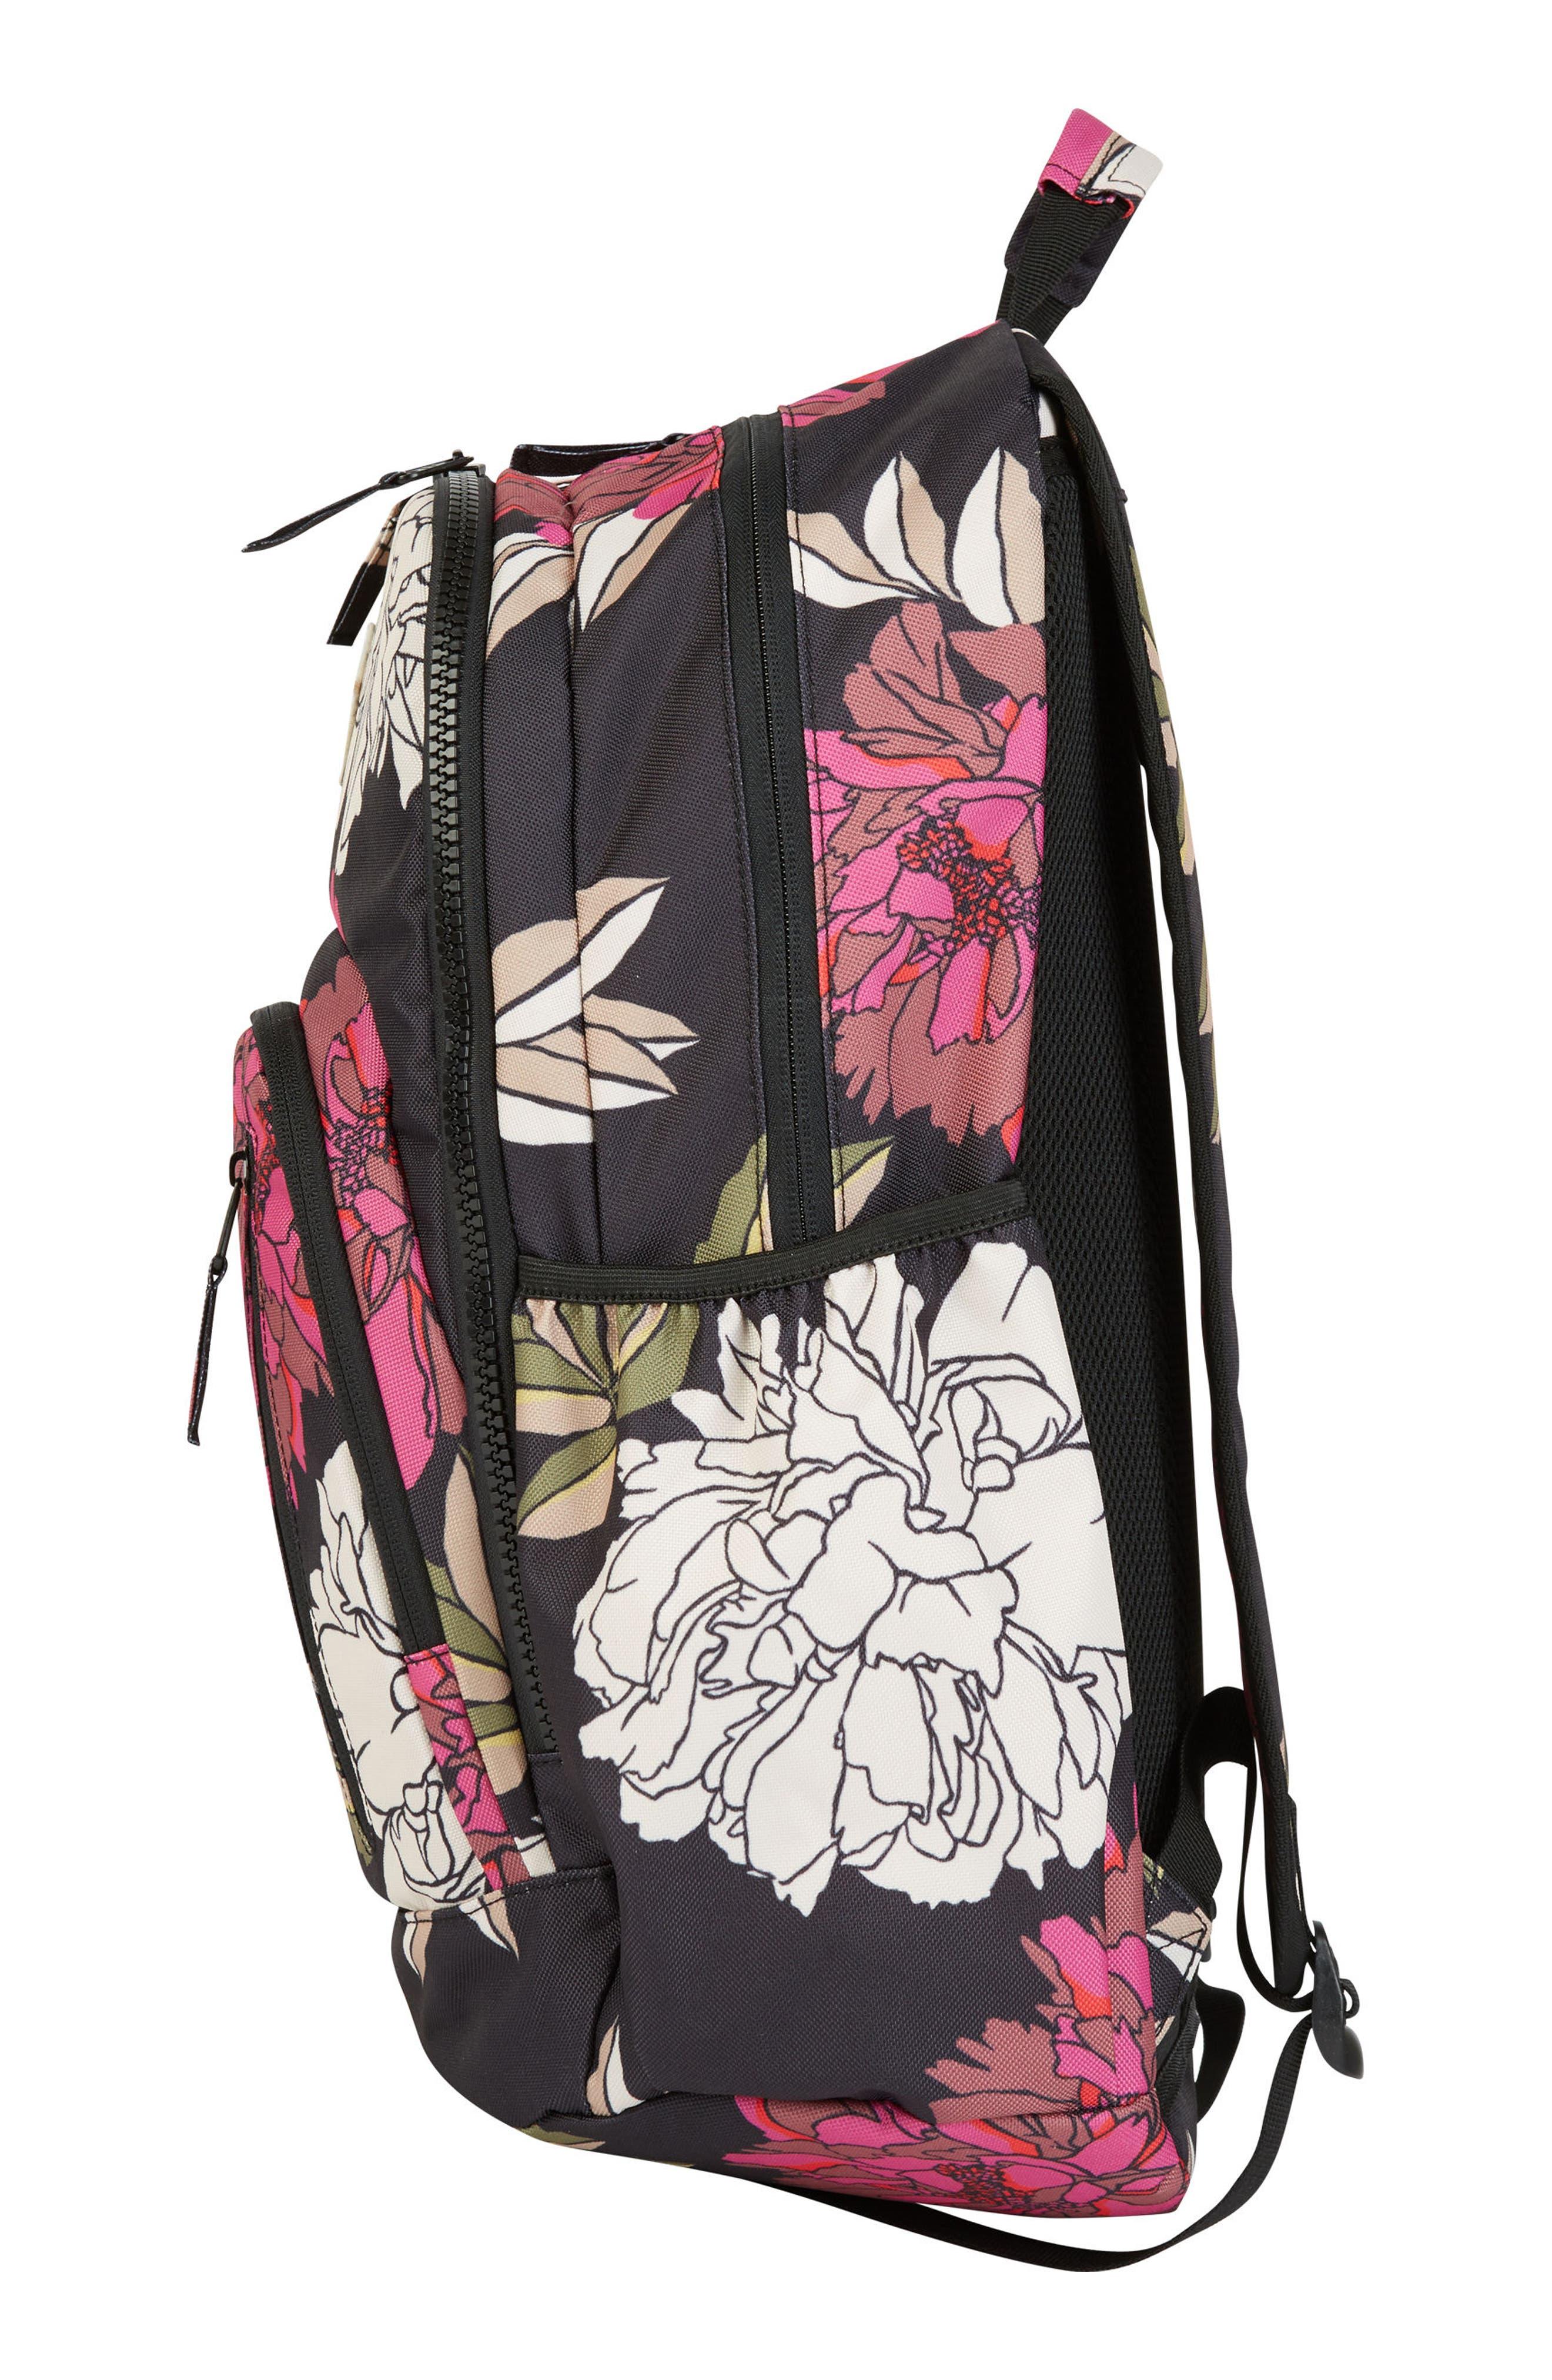 Roadie Backpack,                             Alternate thumbnail 3, color,                             Rebel Pink